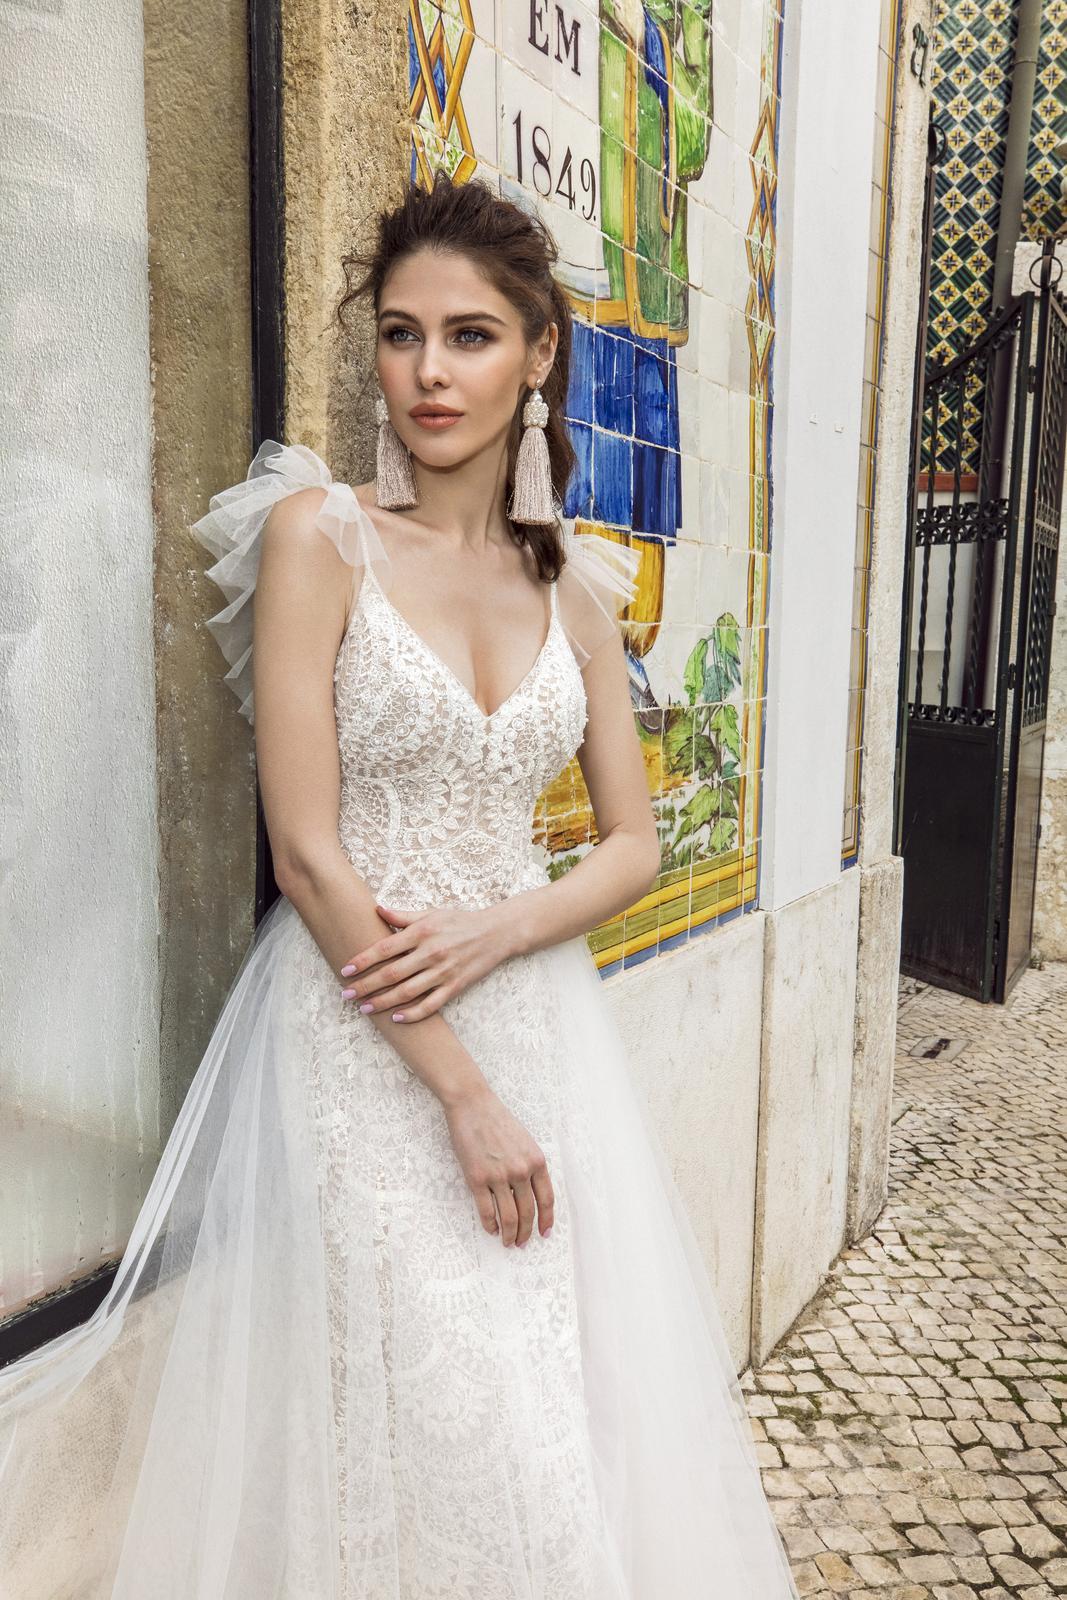 Svatební šaty Innocentia inspirované Lisabonem - Obrázek č. 15